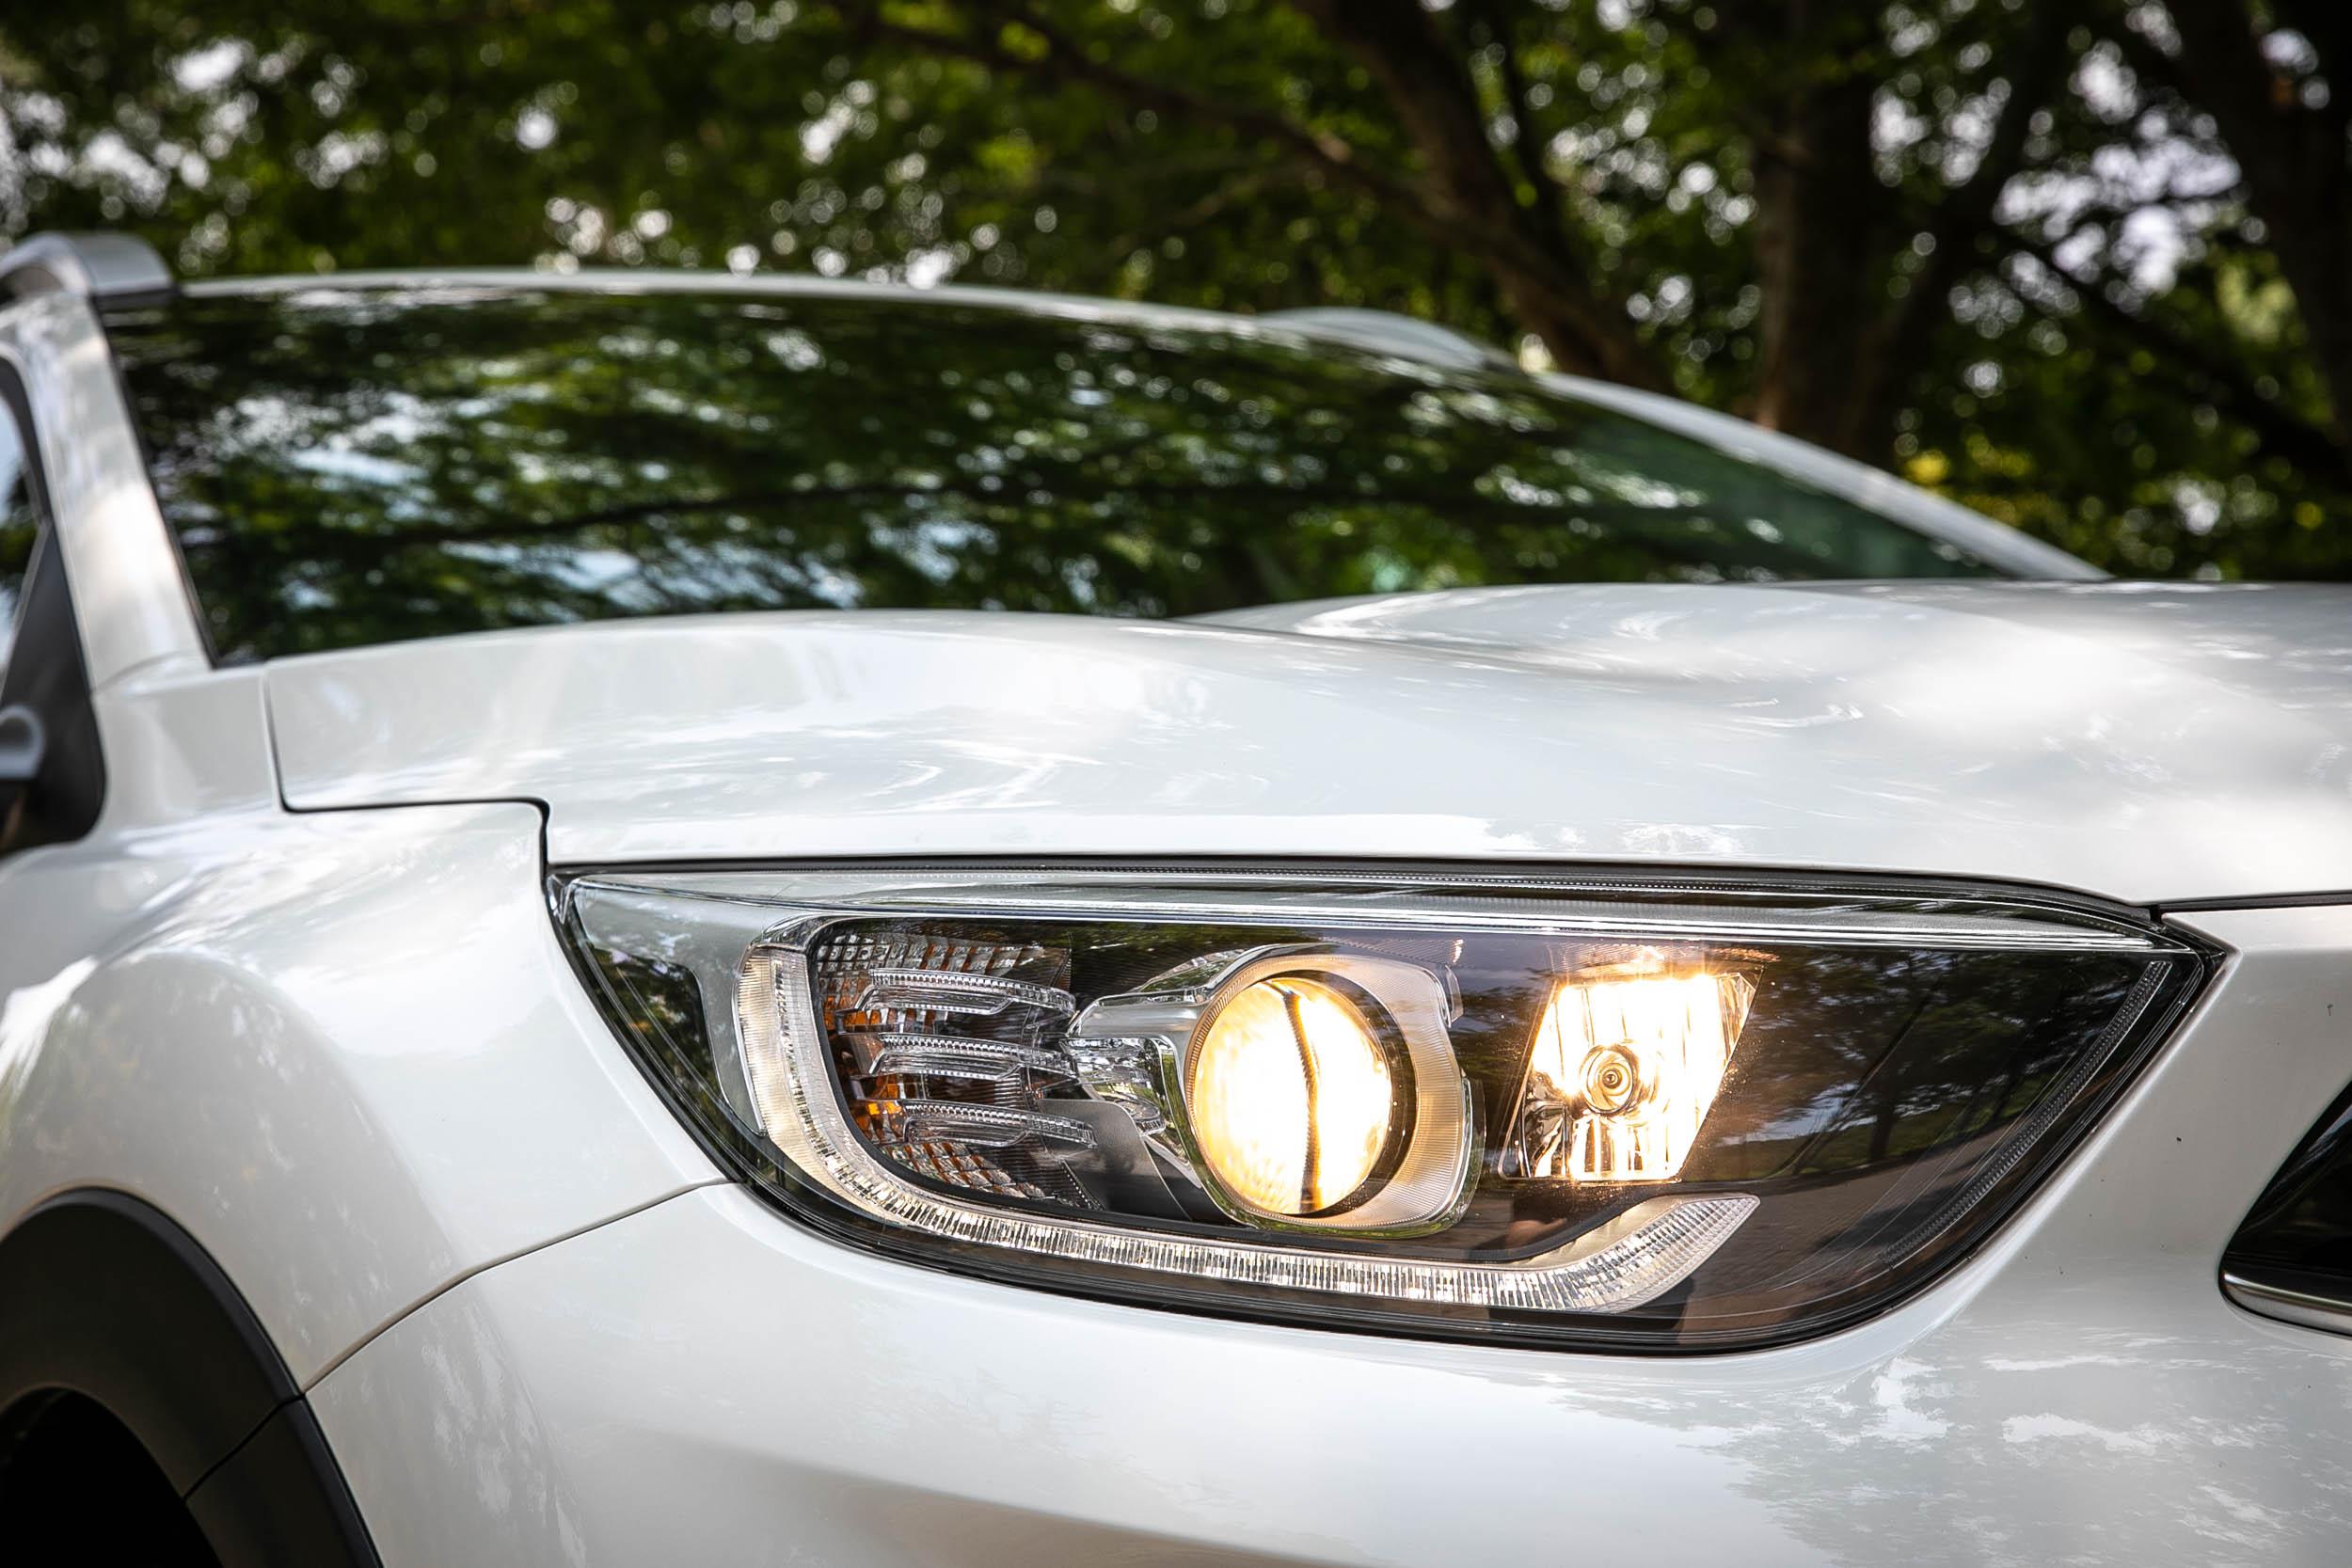 頭燈不採 LED 規格,不過多了SBL轉向輔助照明功能。